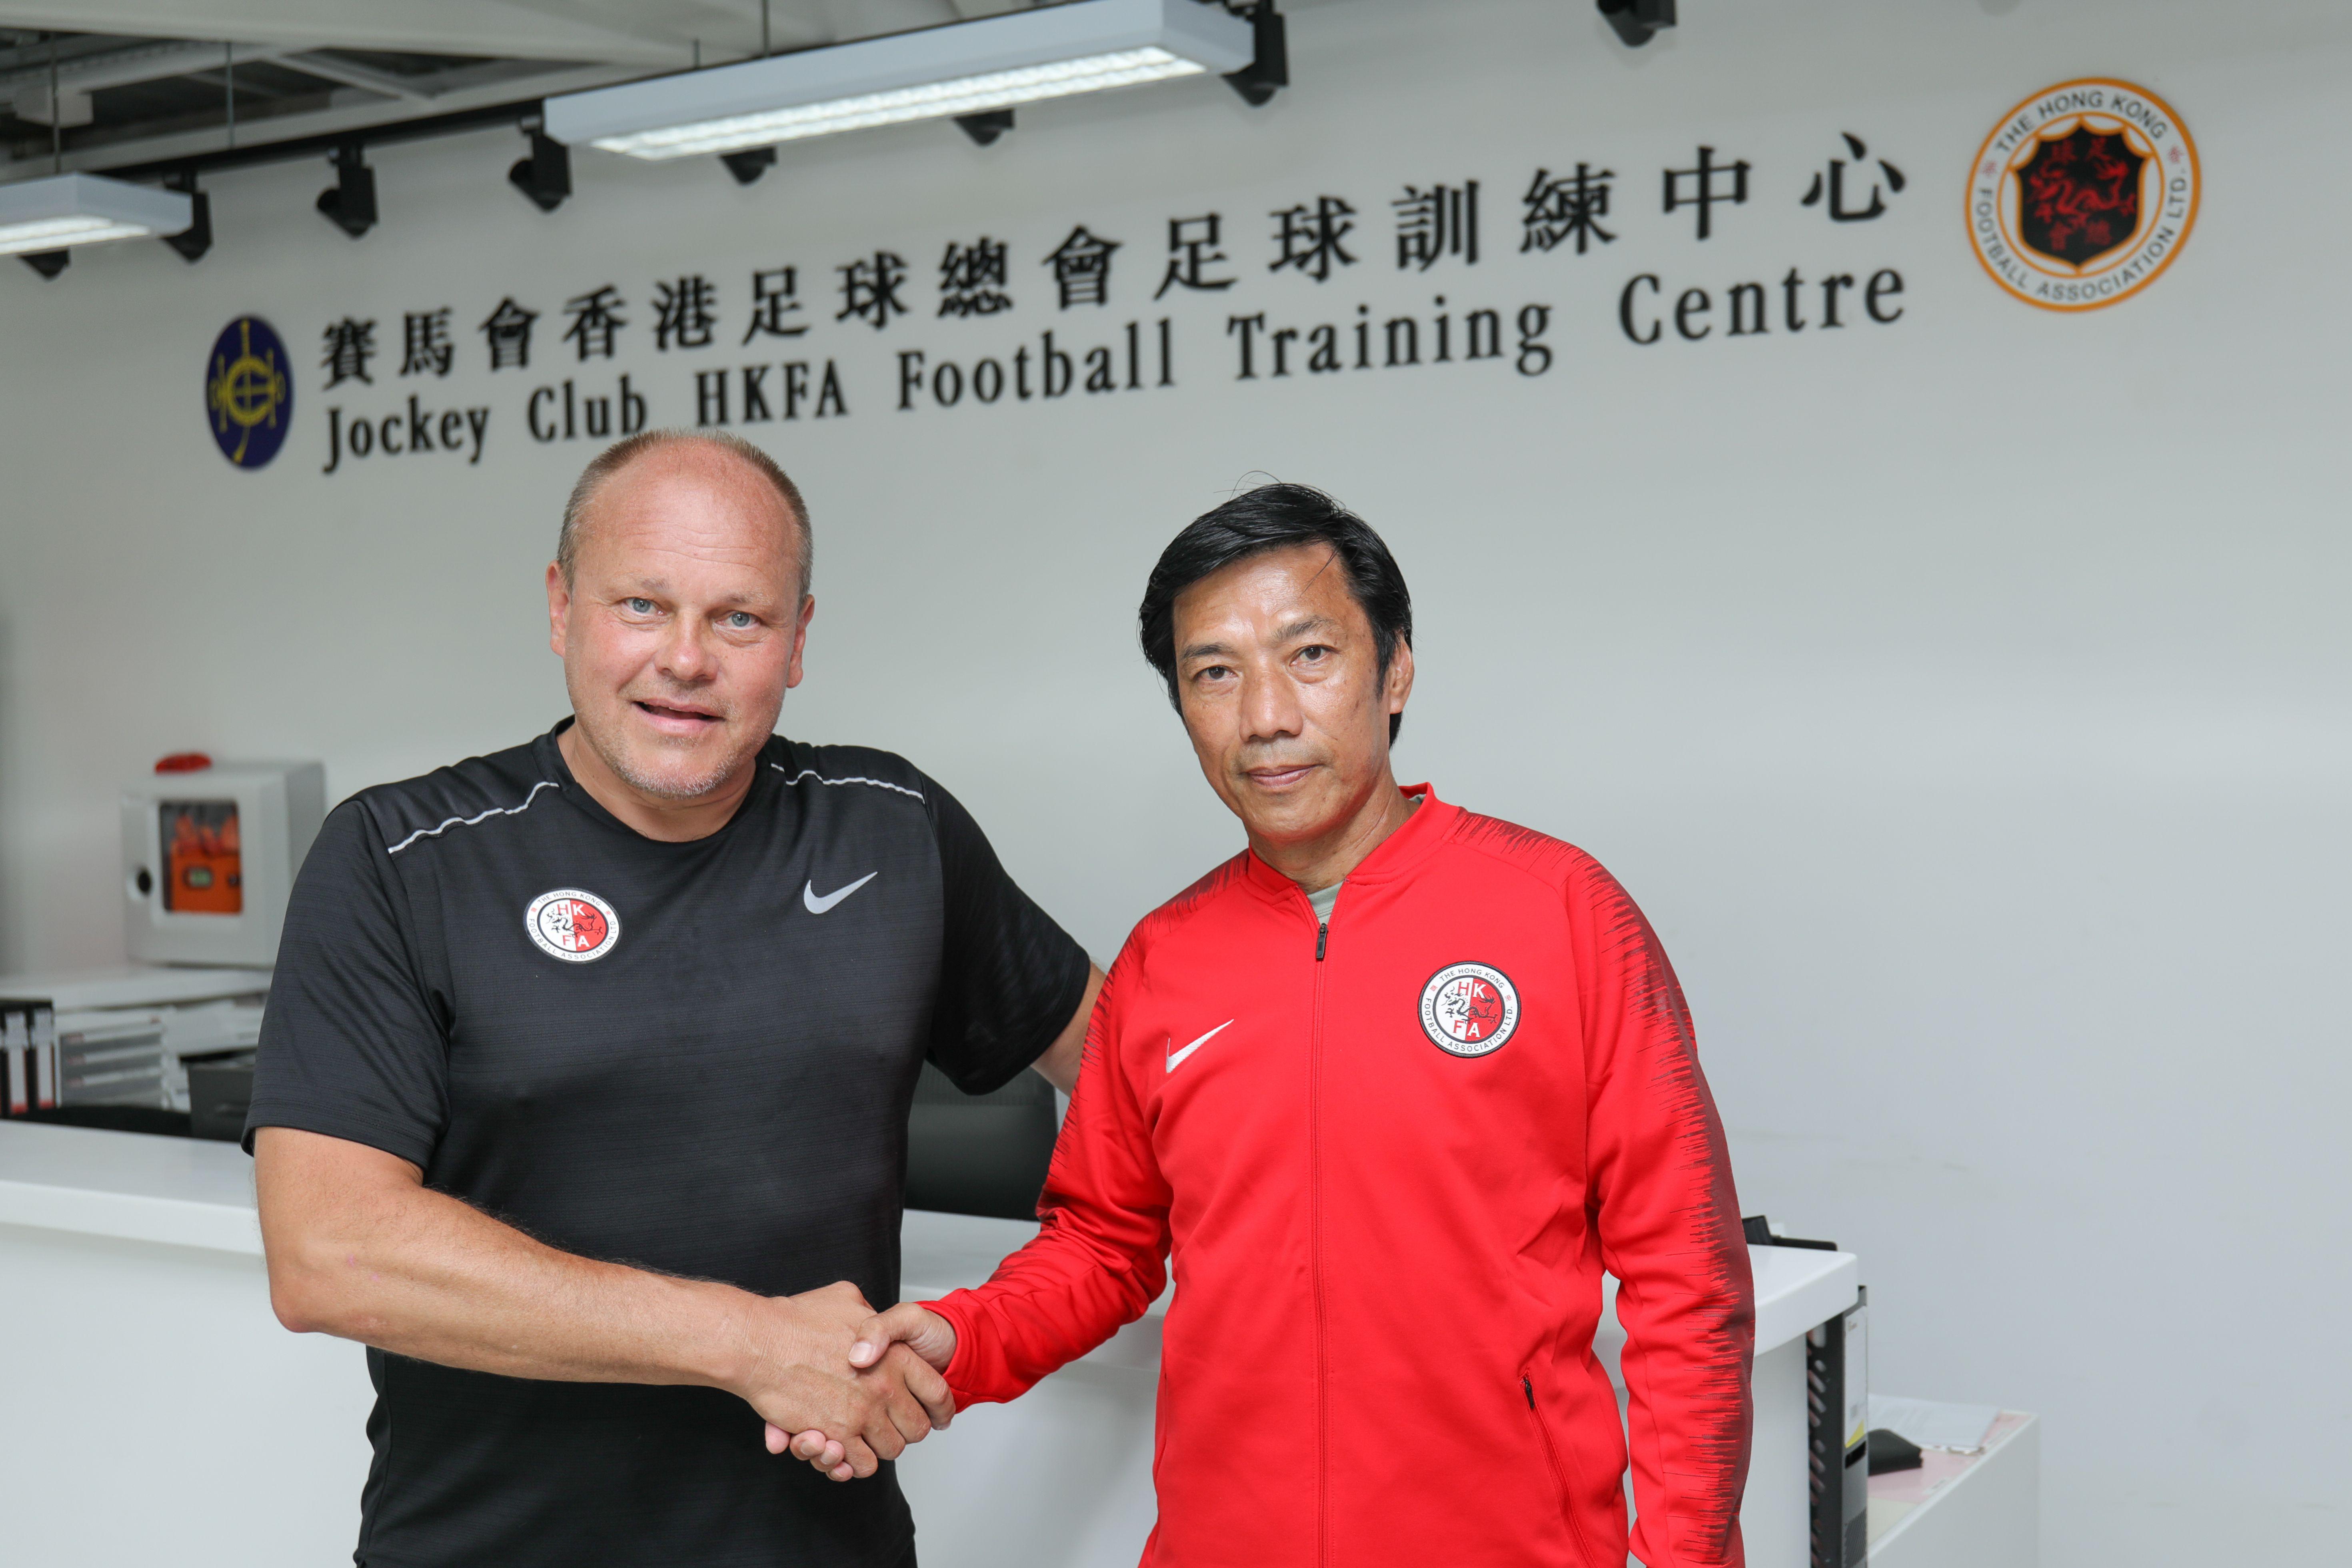 傑志宣布新球季轉任足球總監的朱志光,轉任成為港隊助理主教練。 相片由公關提供